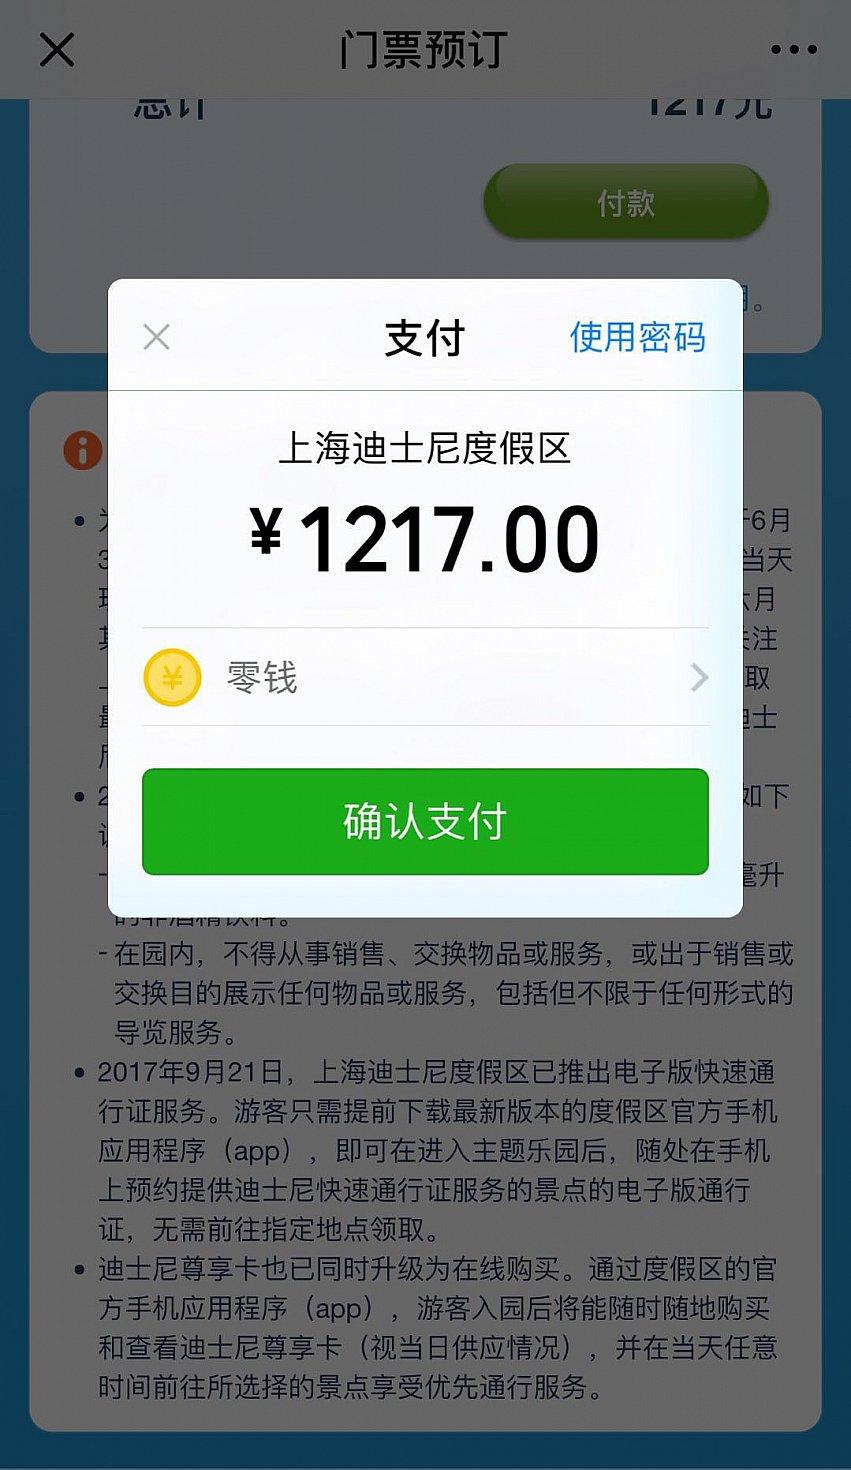 WechatPayの支払い画面が出てきます。 支払い(确认支付)をタップします。 (C) Disney